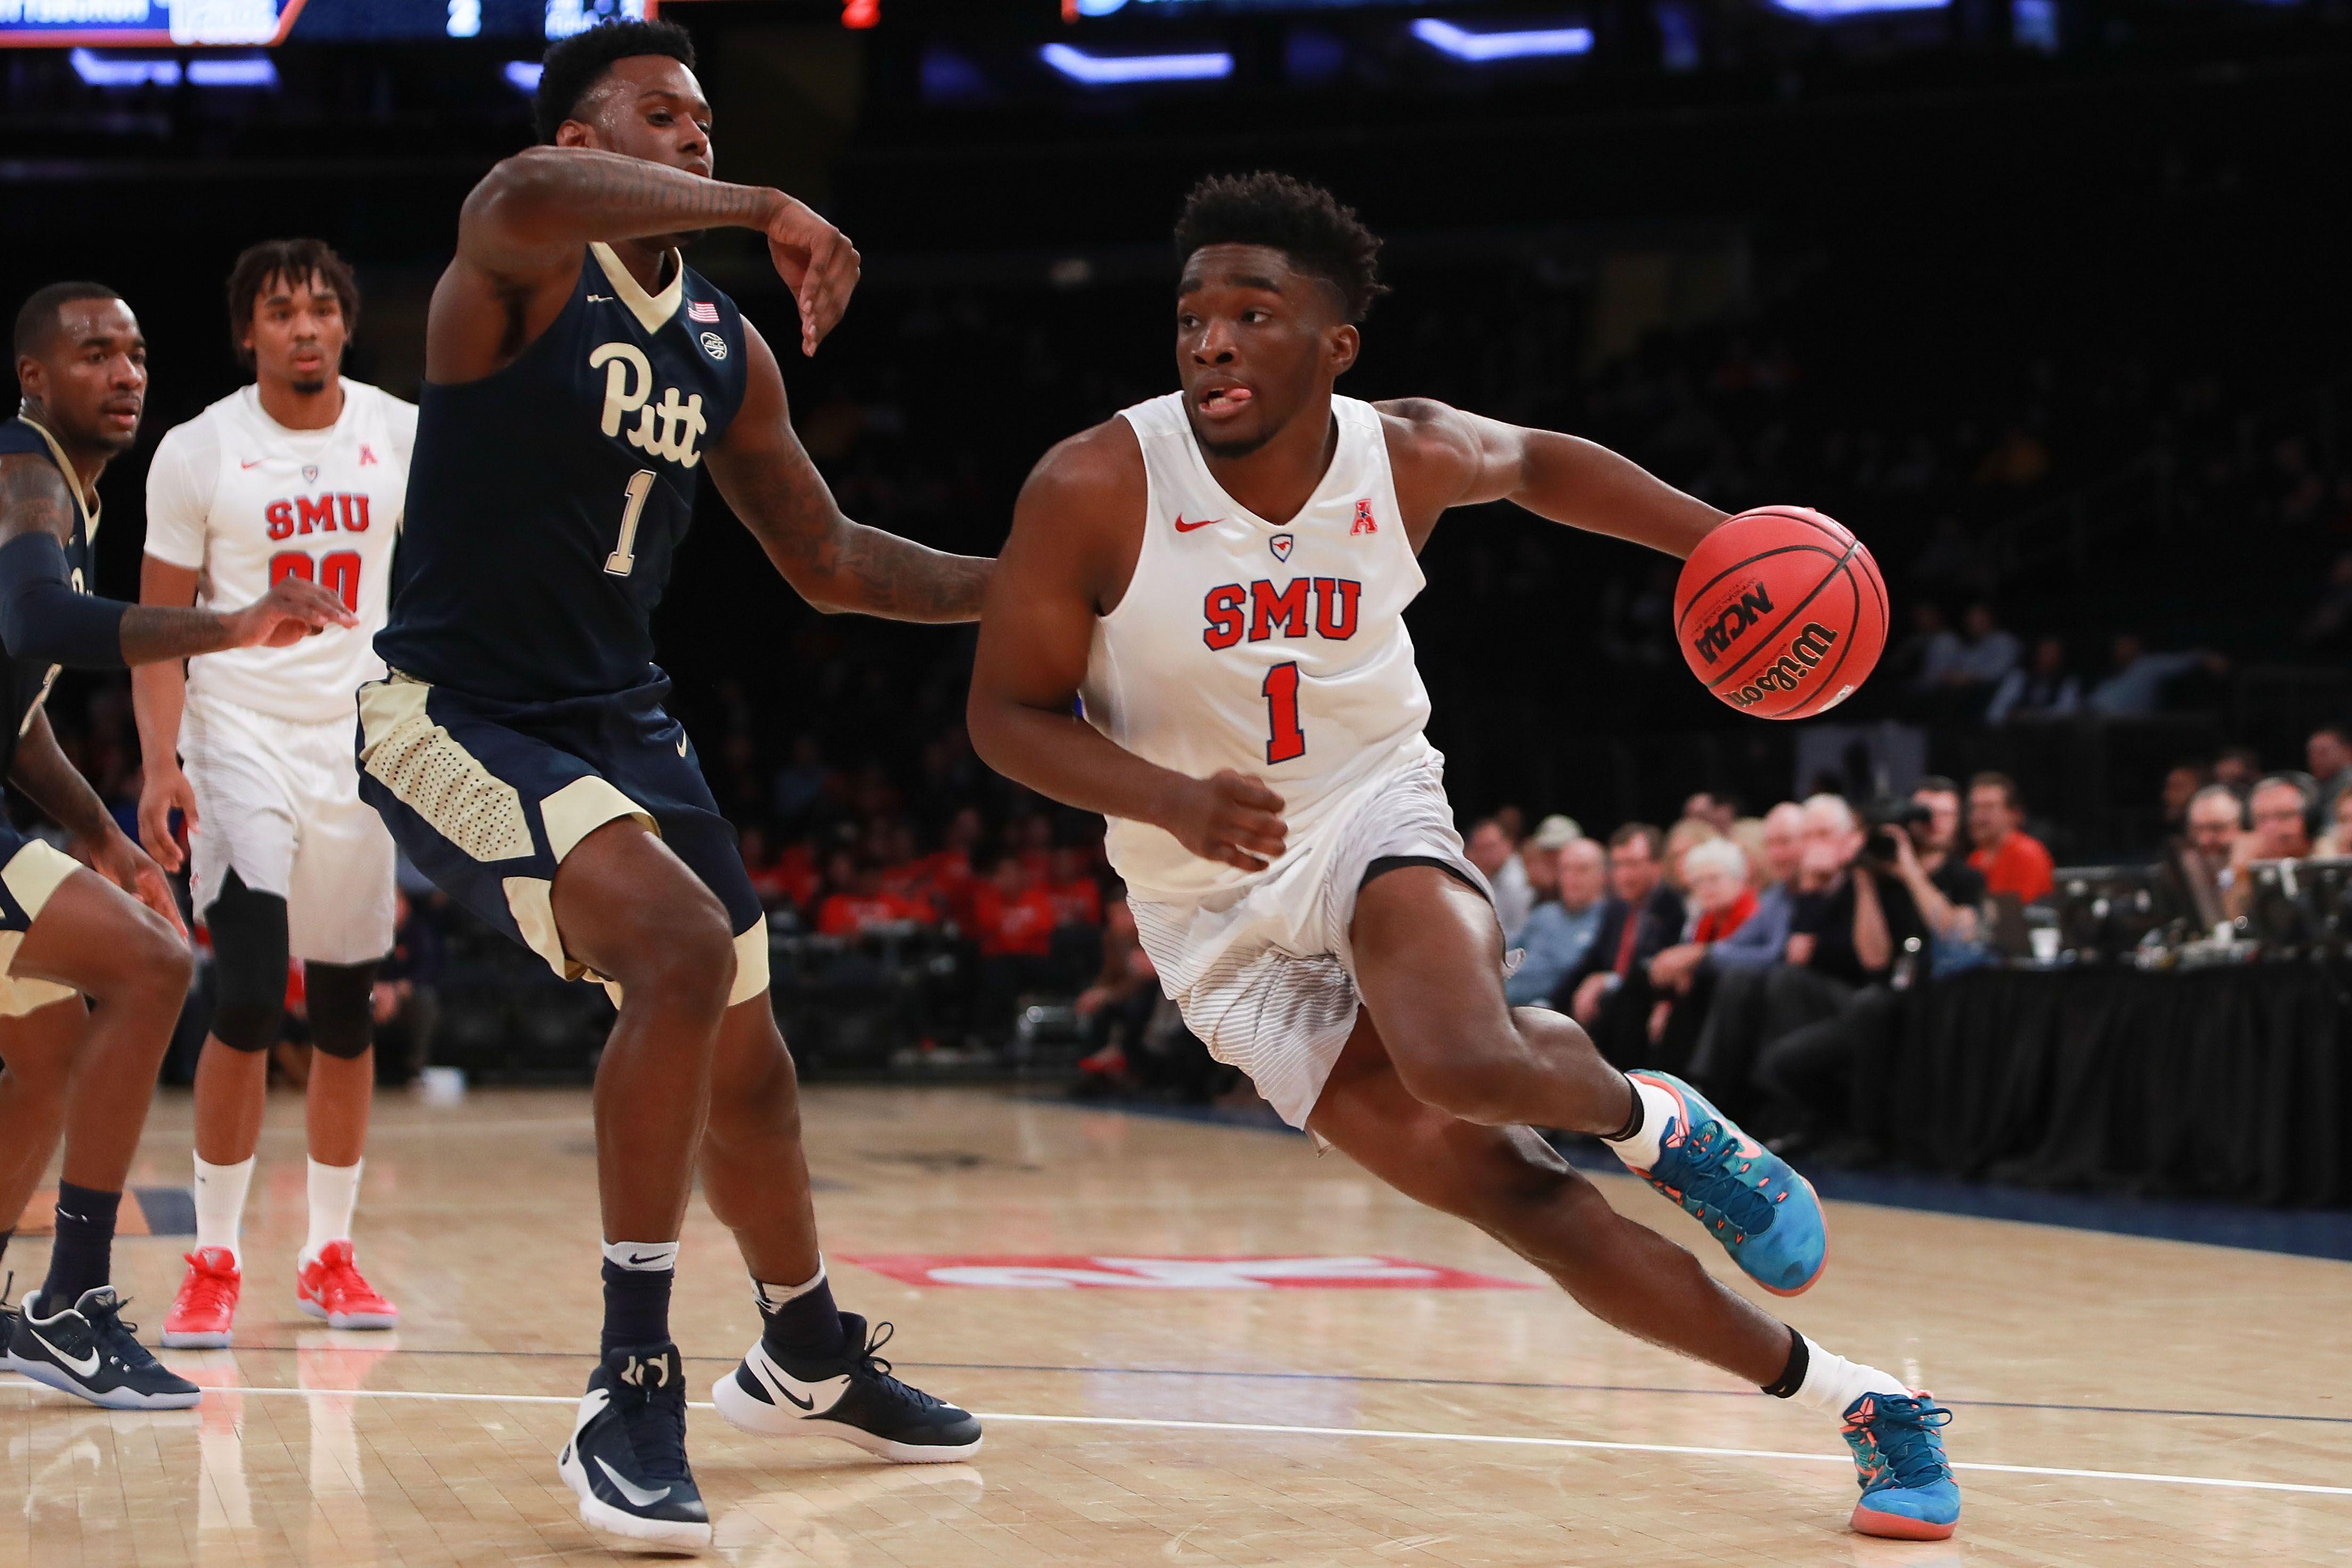 Kentucky Wildcats Basketball 2017 18 Season Preview: SMU Basketball: 2017-18 Season Preview For The Mustangs